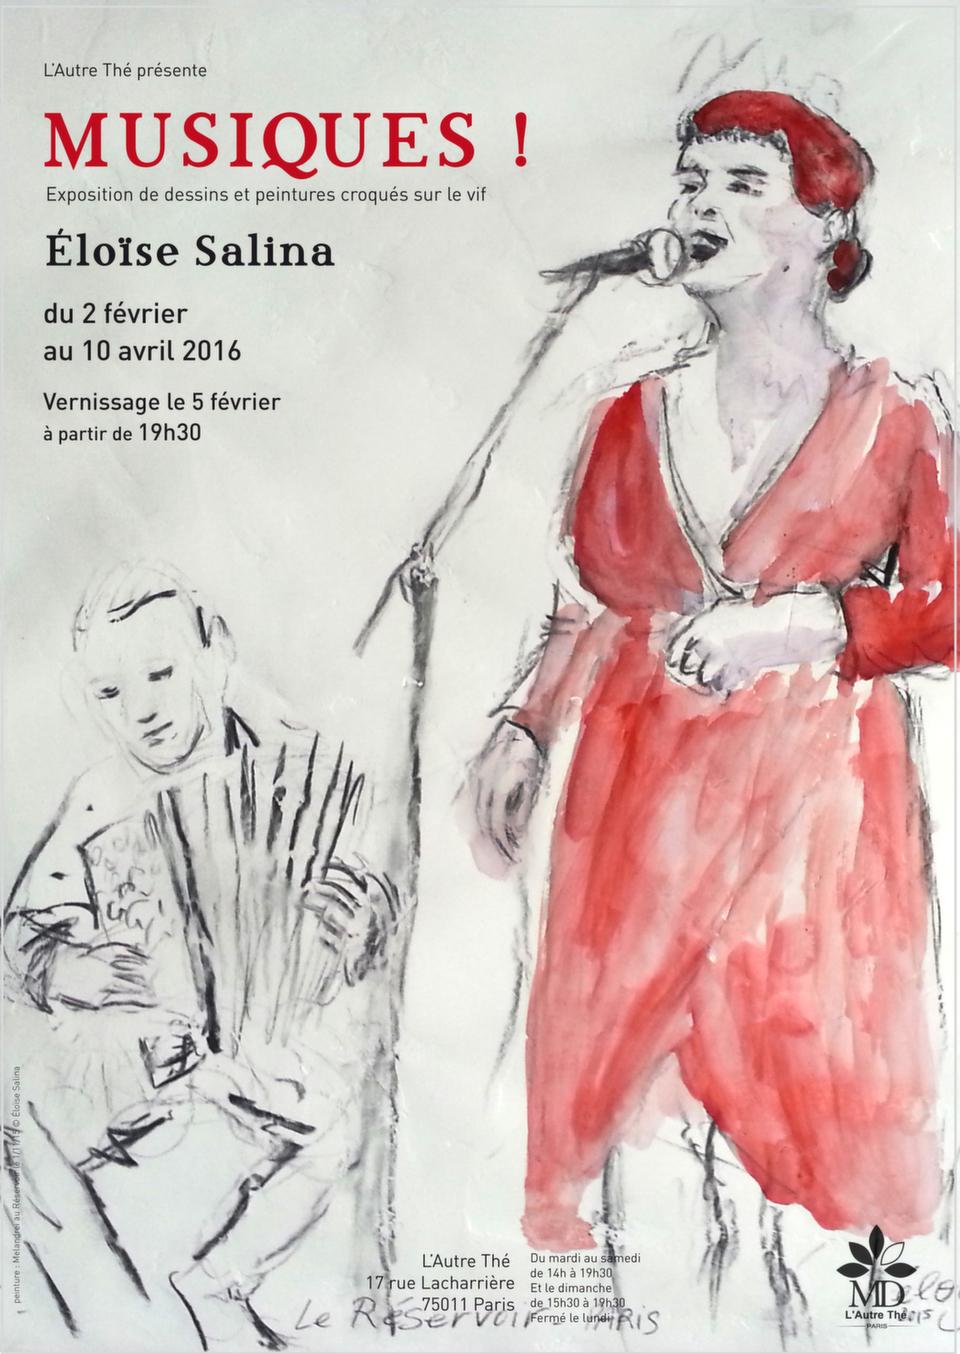 Voici l'affiche de ma prochaine exposition, qui aura lieu du 2 février au 10 avril 2016, à la galerie de L'Autre Thé, 17 rue Lacharrière, Paris 11°.<br />Vous pourrez y découvrir mes dessins et peintures croqués sur le vif dans les répétitions et concerts auxquels j'ai assisté en 2015.